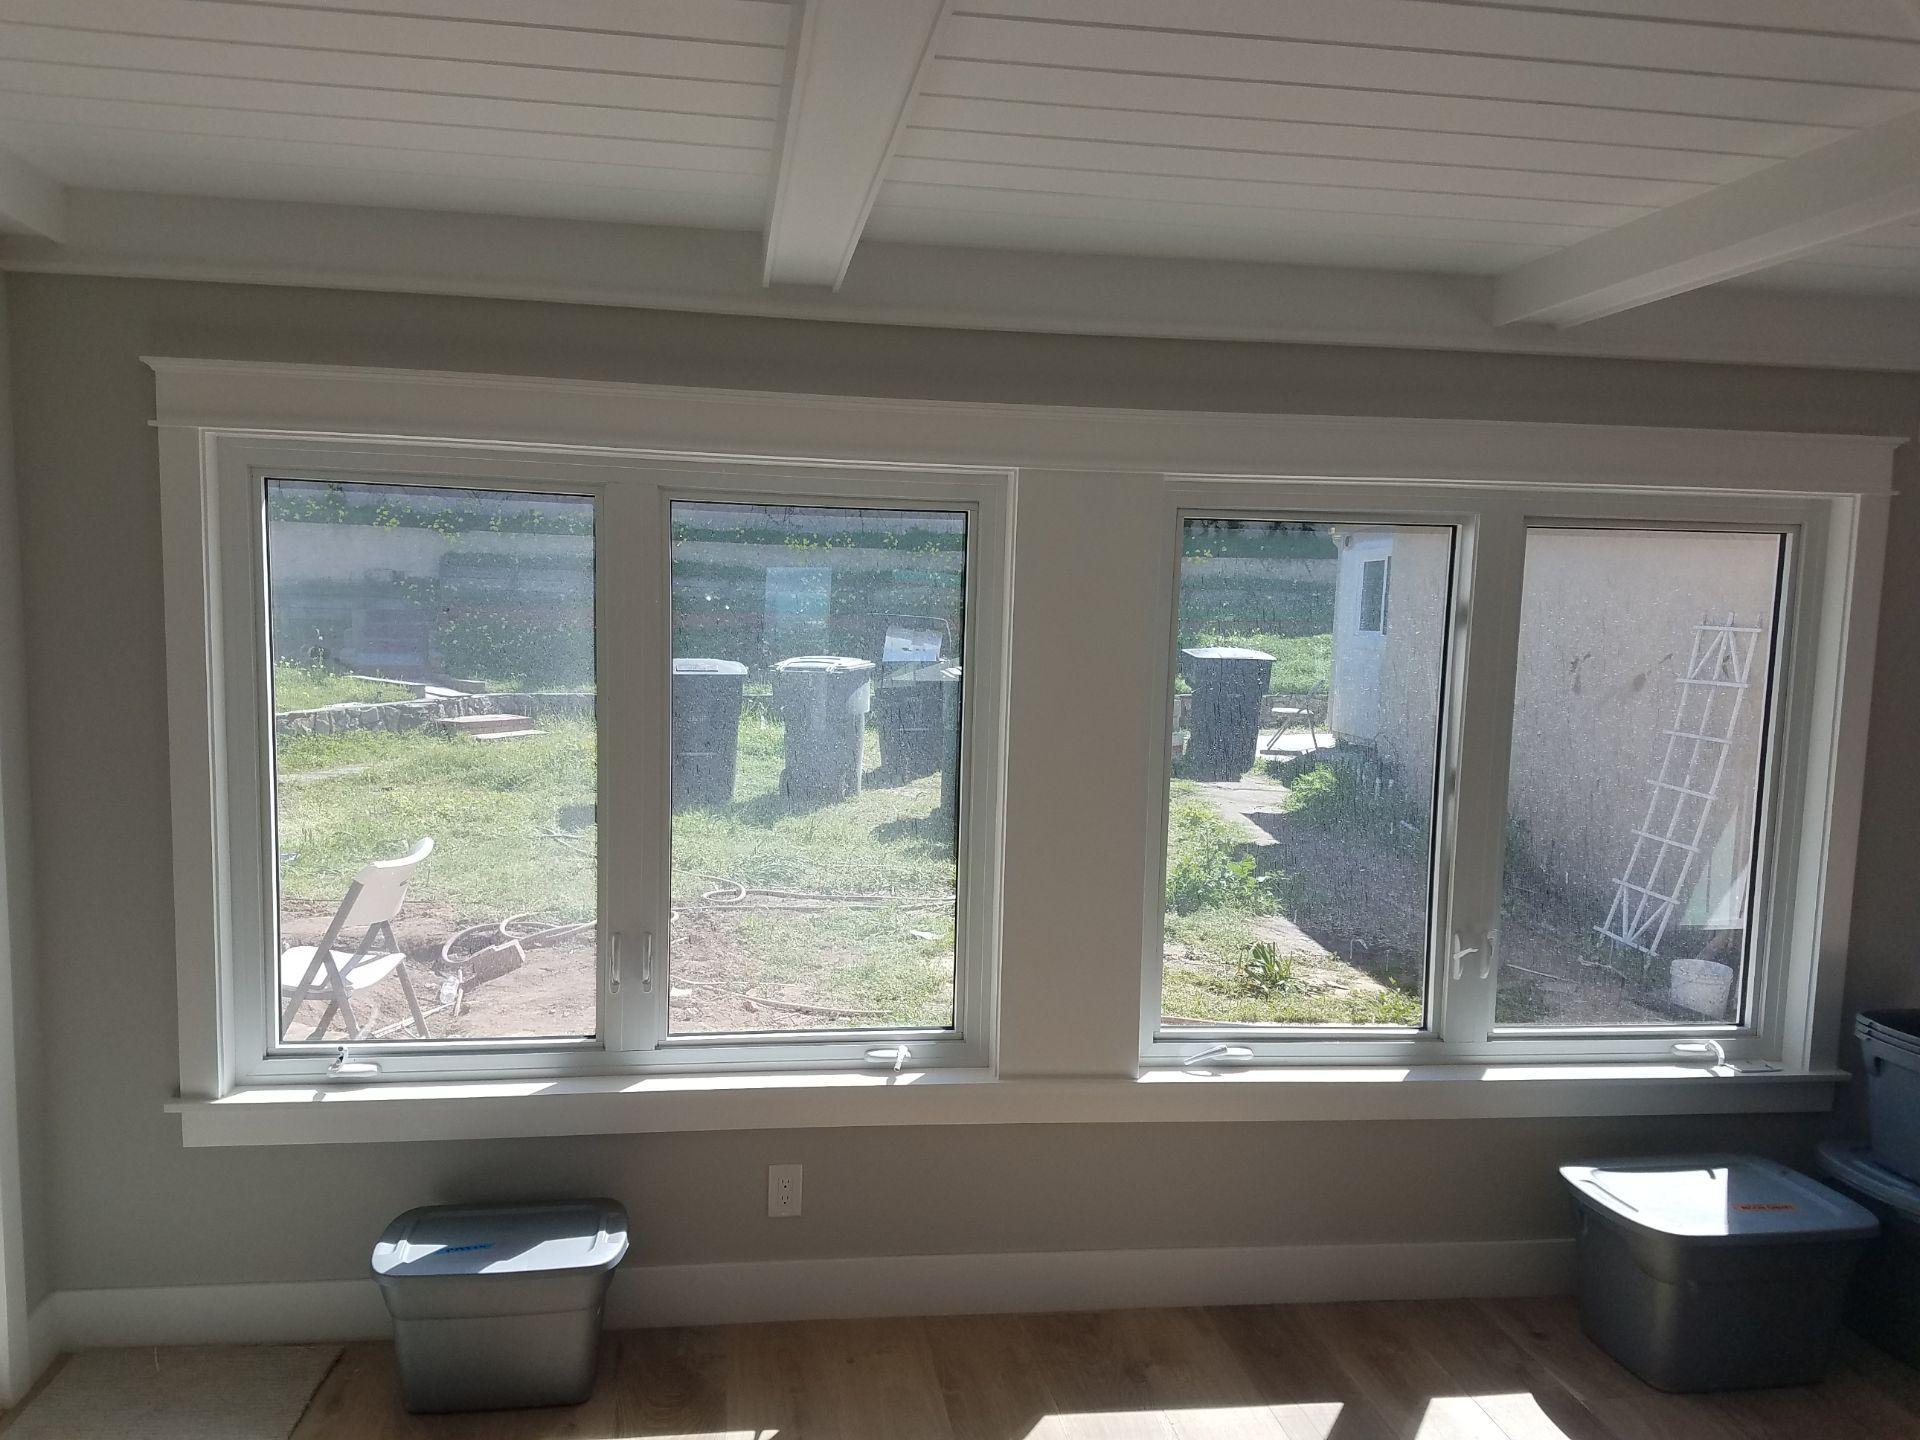 carpenter-goias-home-improvement-newjersey (11).jpg